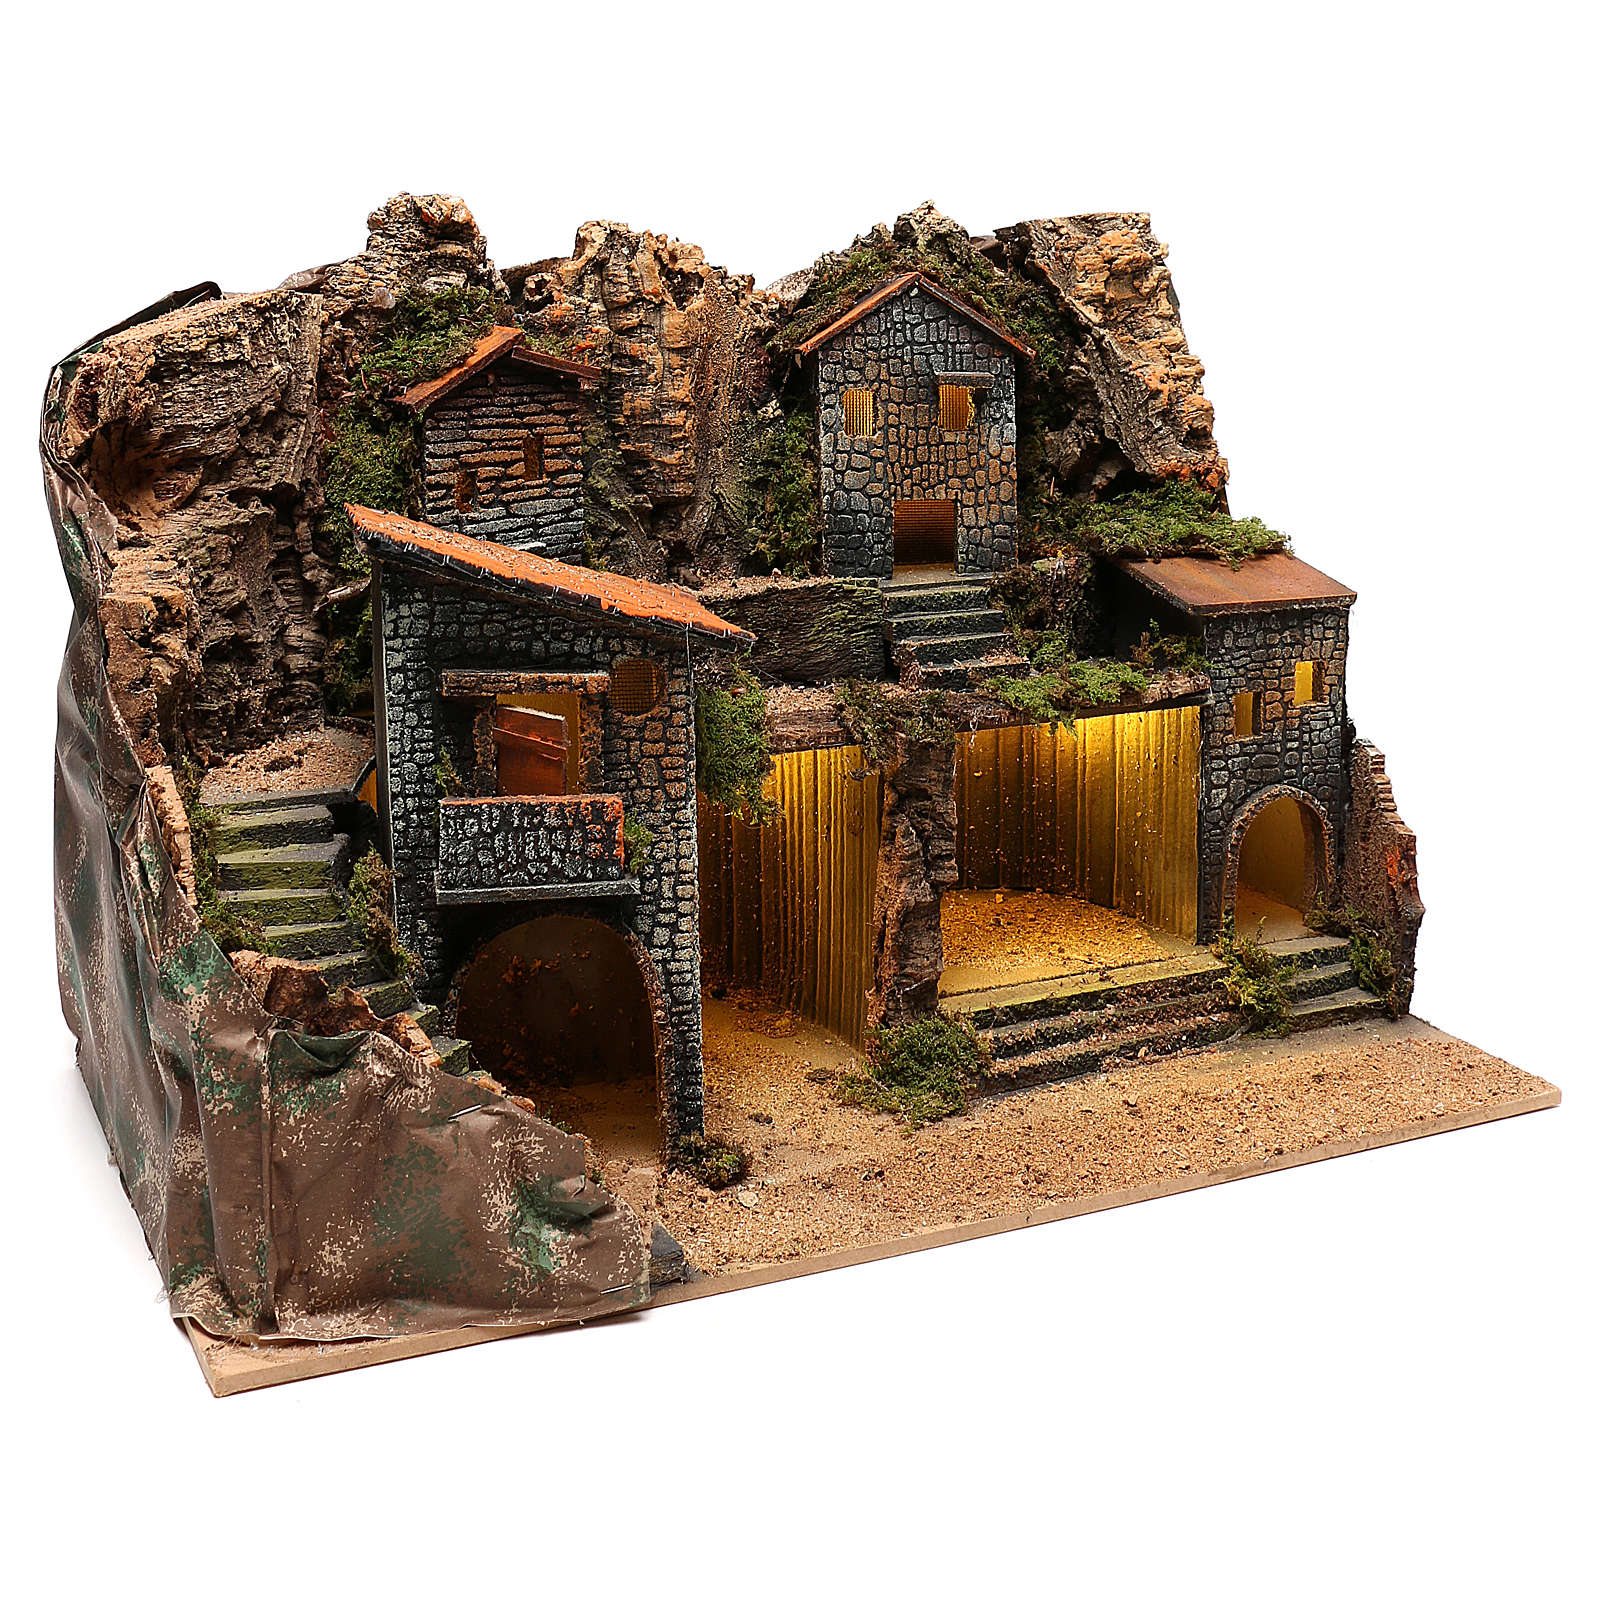 Borgo rustico per presepe napoletano di 12-14 cm 4